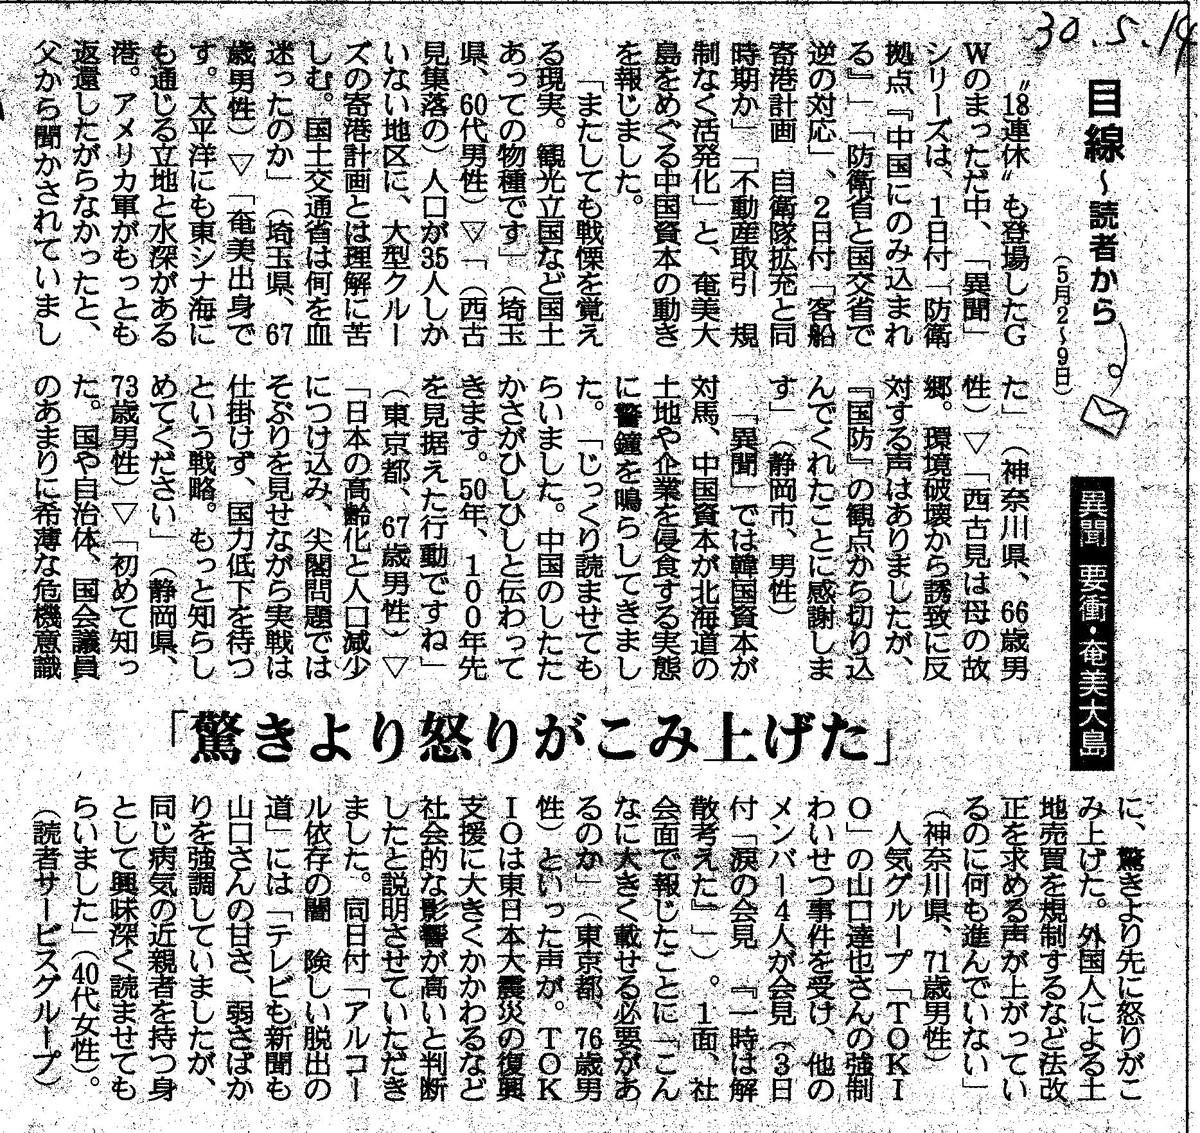 f:id:satoumamoru:20190802121706j:plain